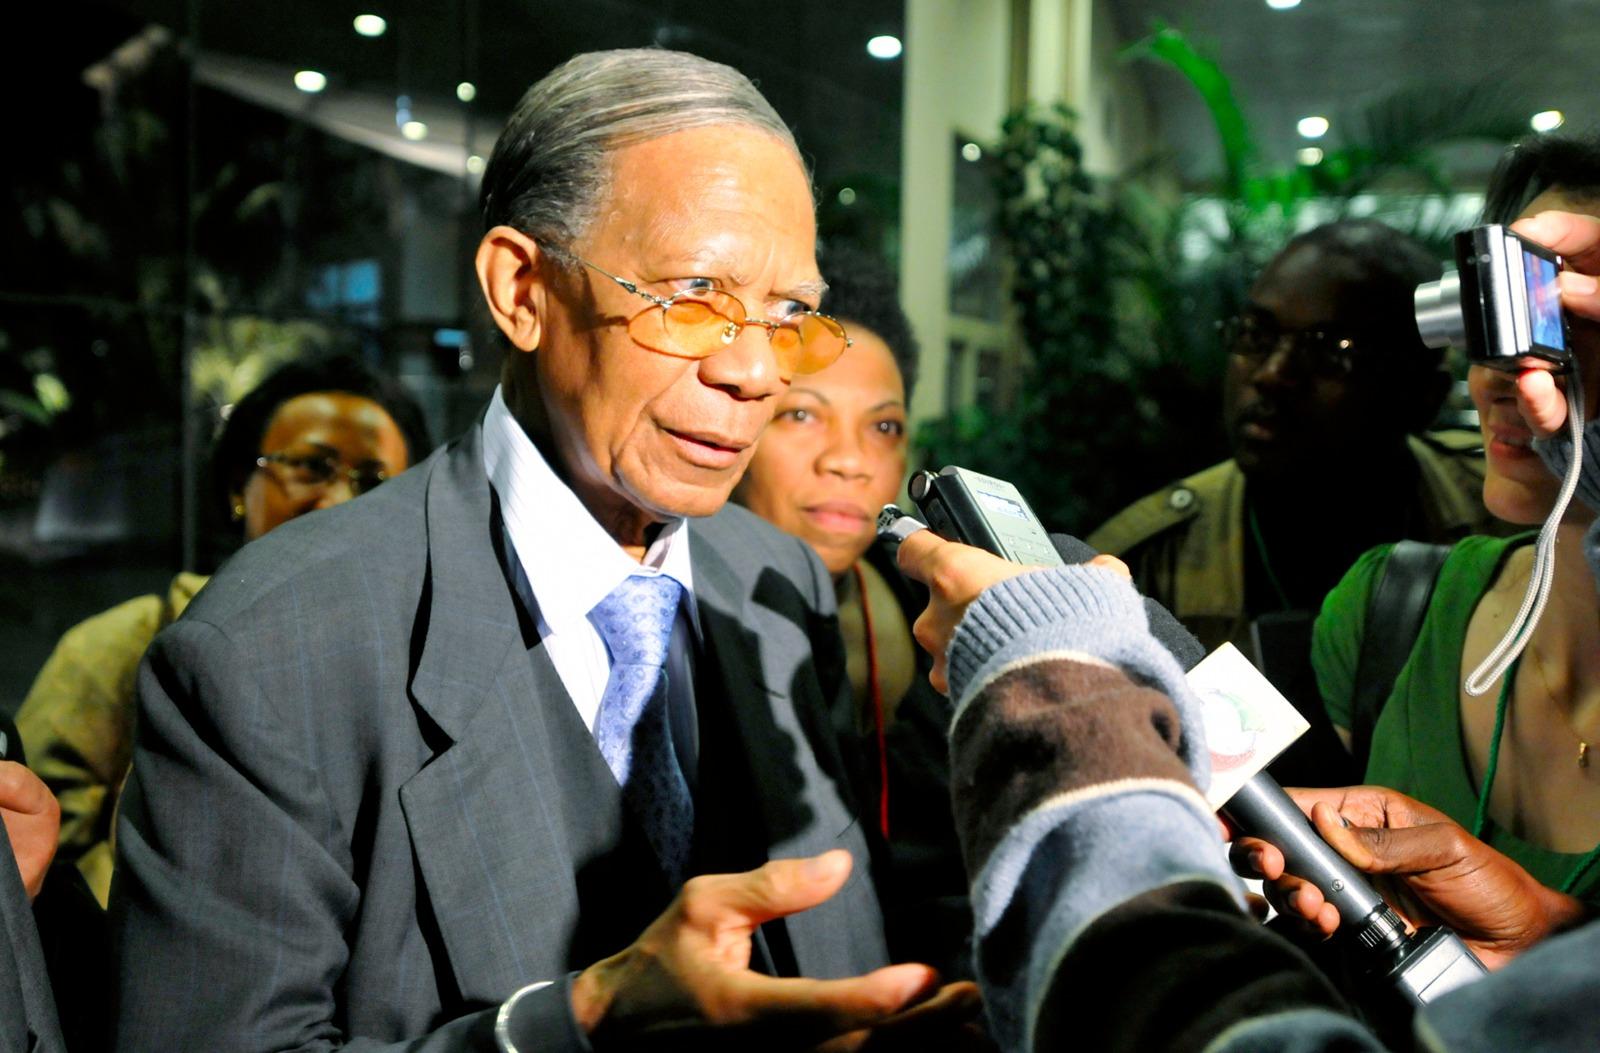 Didier Ratsiraka, l'ancien président malgache ici photographié en 2009, est décédé le 28 mars 2021 à Antananarivo.